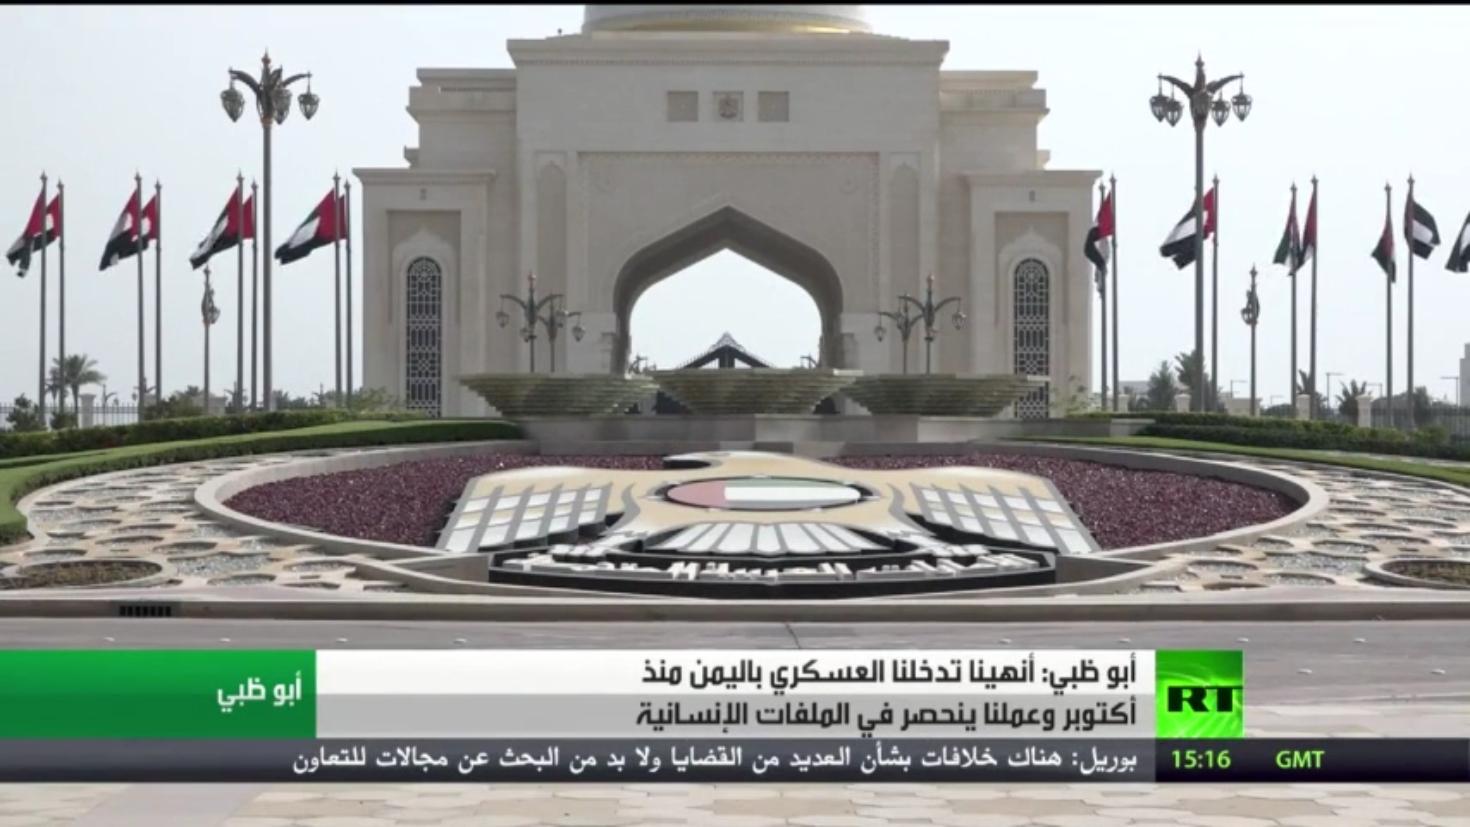 أبوظبي: لا نتدخل عسكريا في اليمن